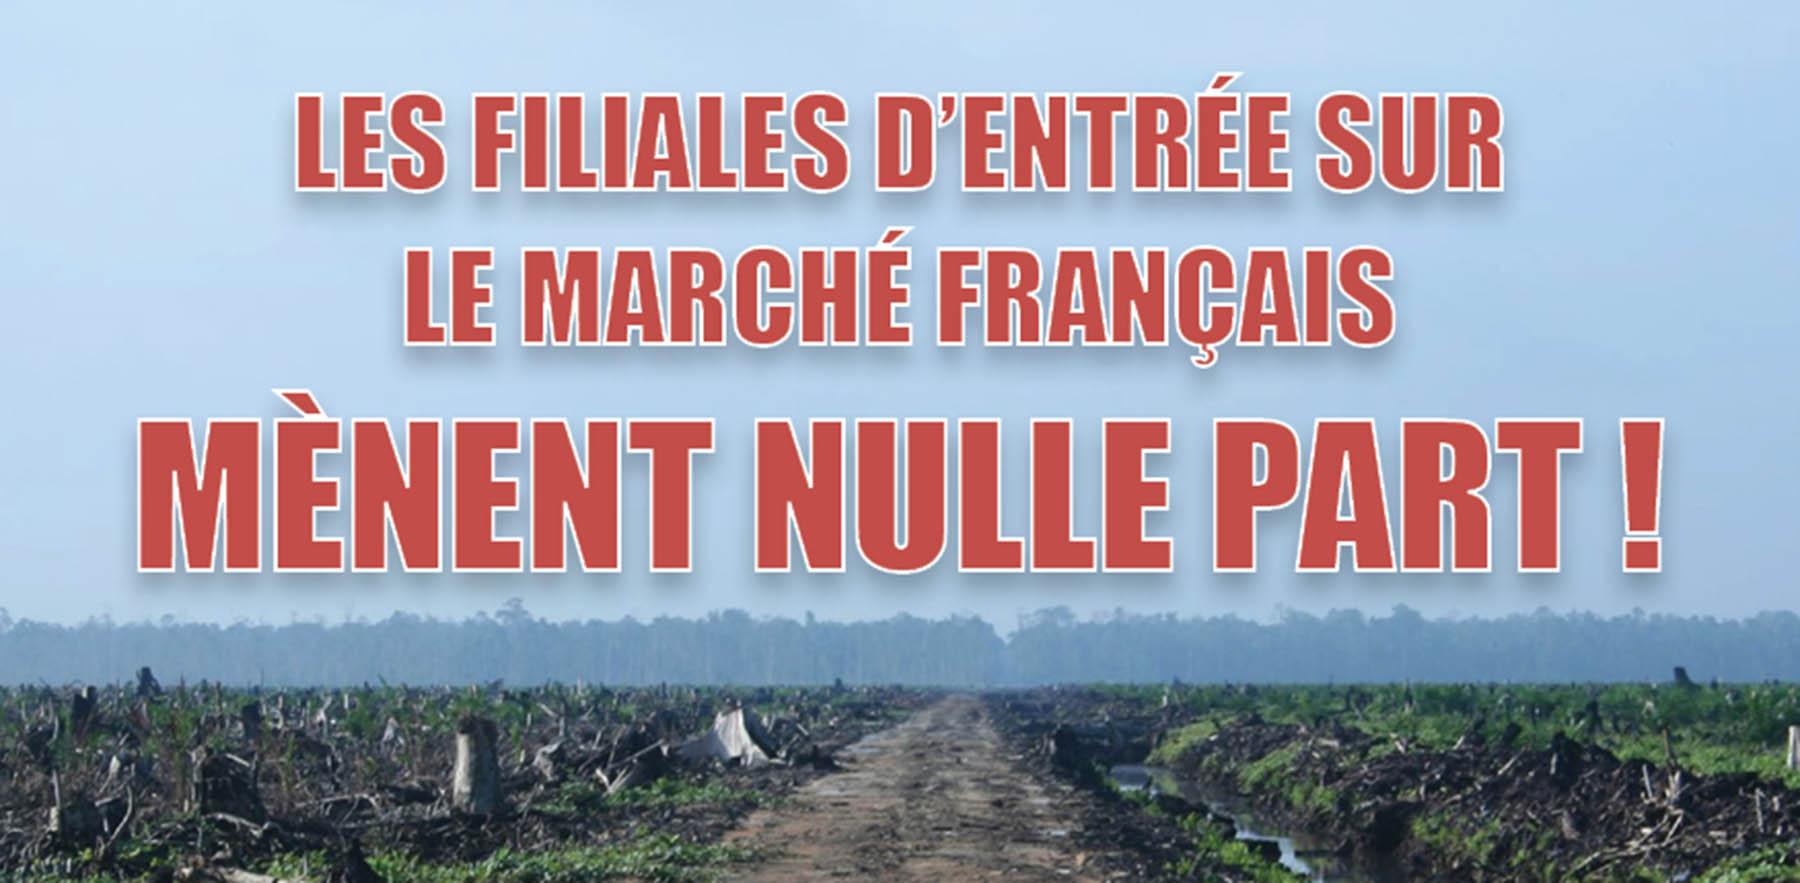 Flyer de l'Union Syndicale d'Outre-Mer dénonçant les filiales d'accès au marché français